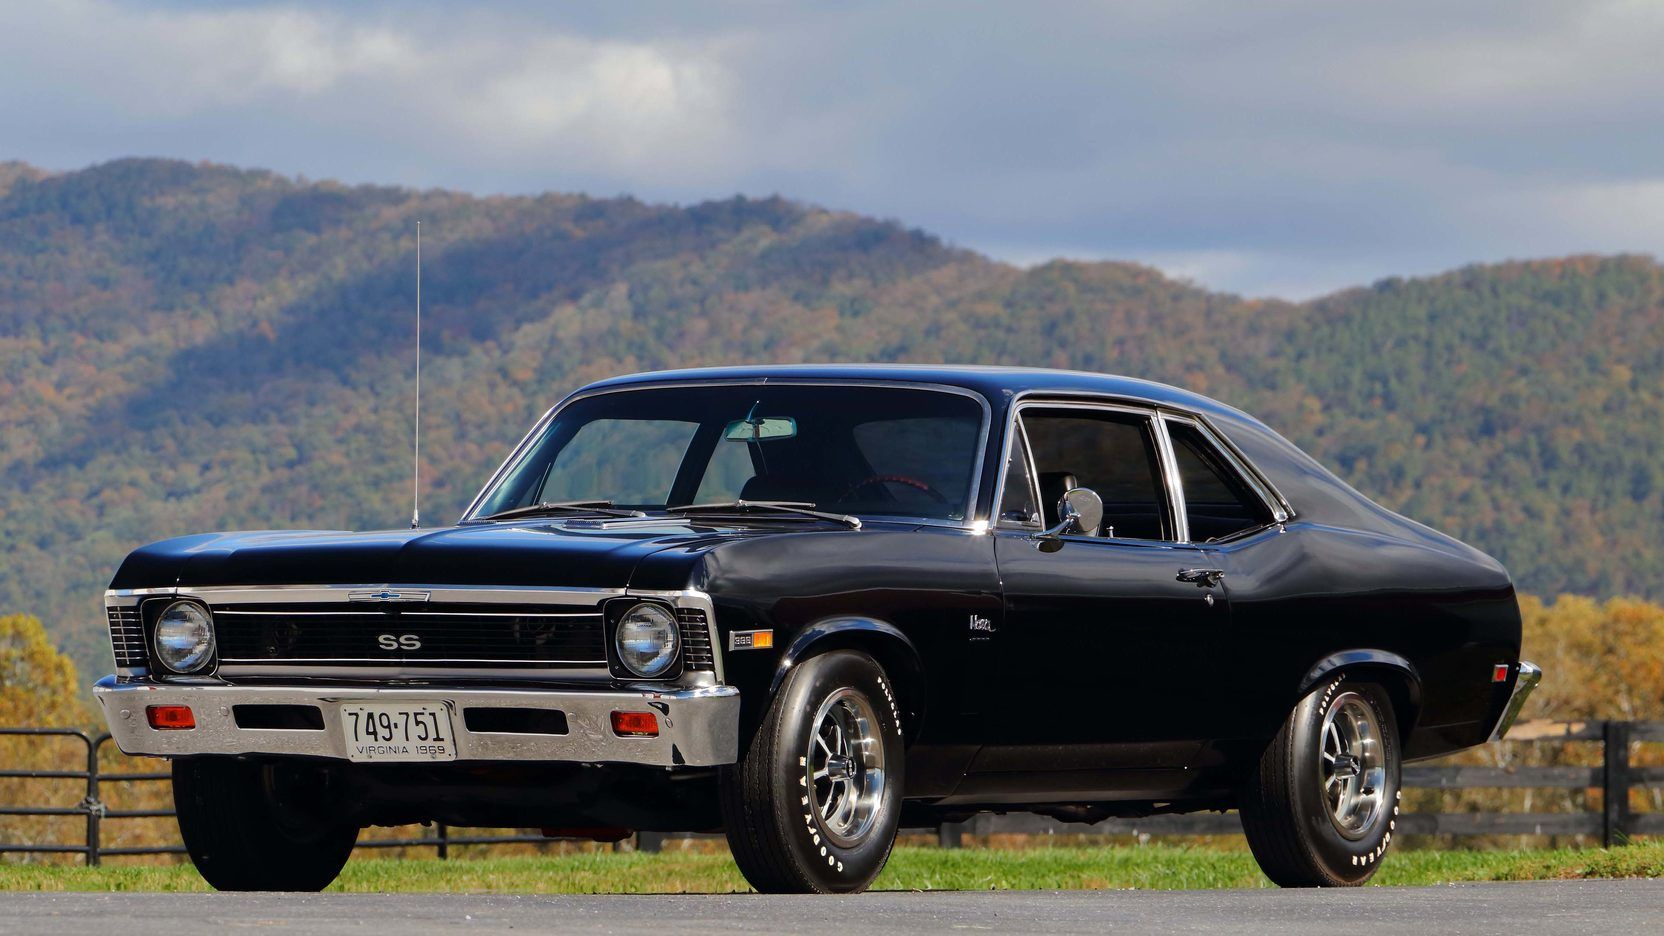 1969 Chevrolet Nova SS | V8, 396 in³ / 6,489 cm³ | 375 hp | Cars ...